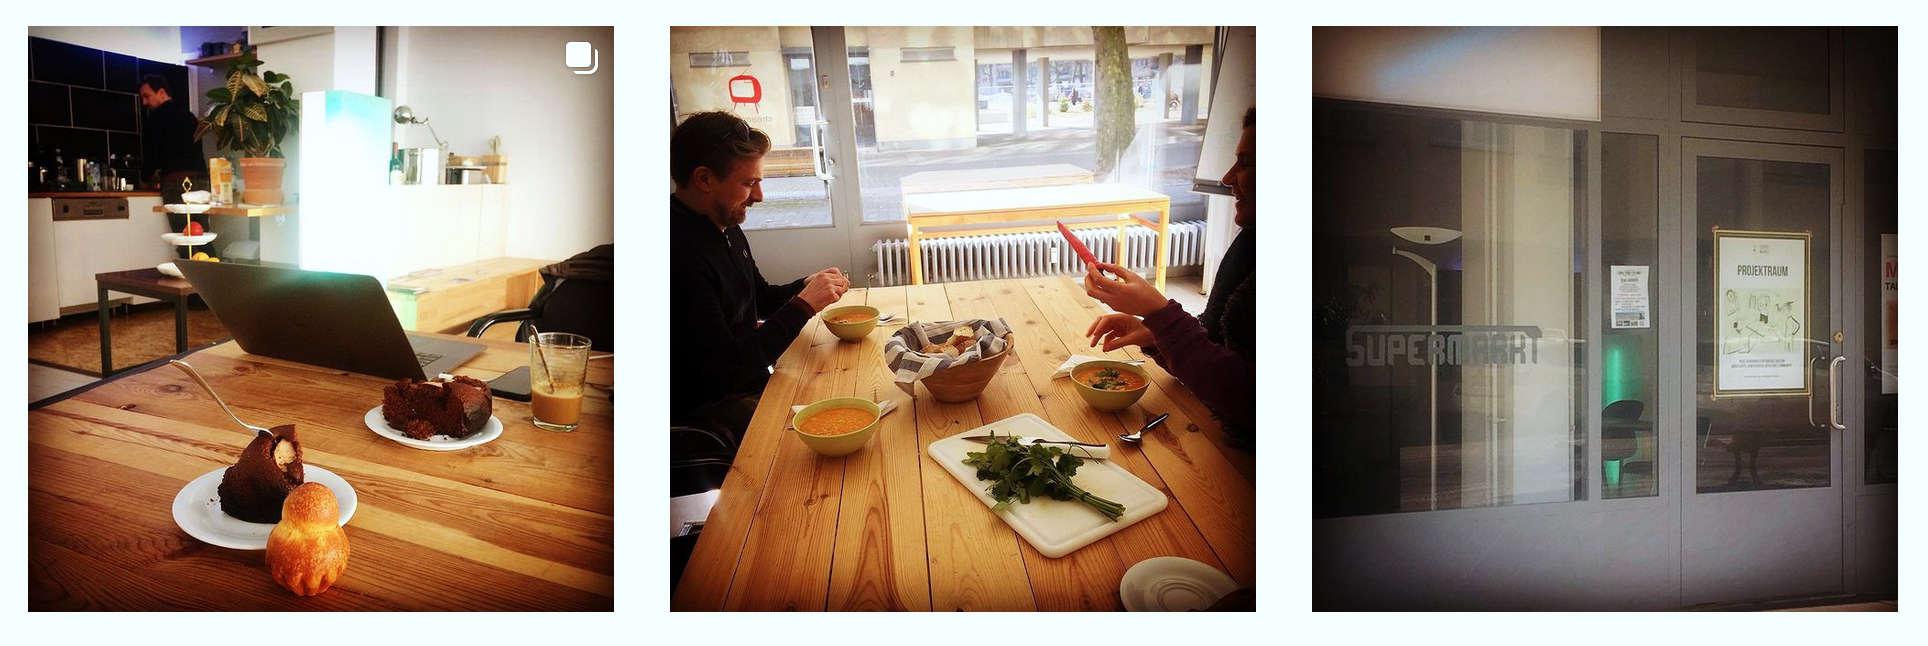 Instagram Motive - Frühstück und Lunch im Supermarkt Berlin ©Stéphanie Boisset